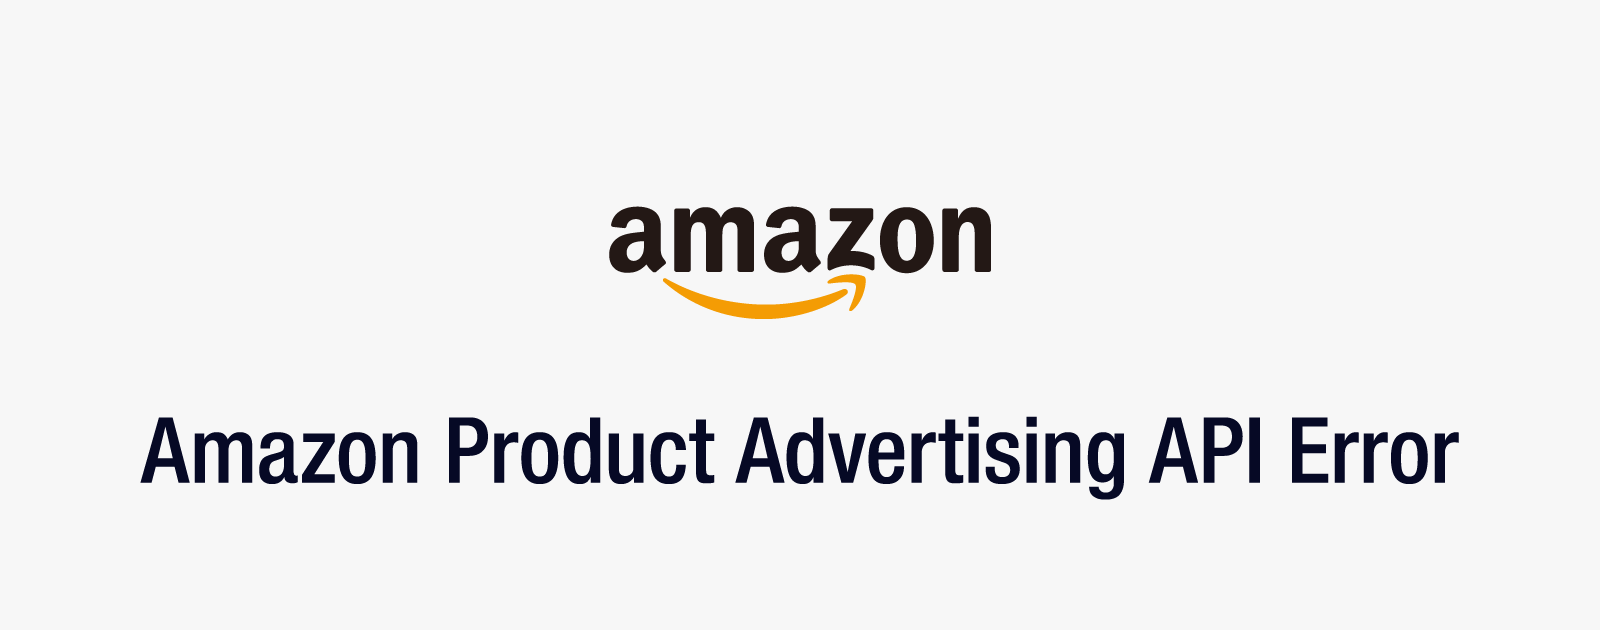 プラグインの「AmazonJS」でAmazon Product Advertising APIのエラーが発生する原因